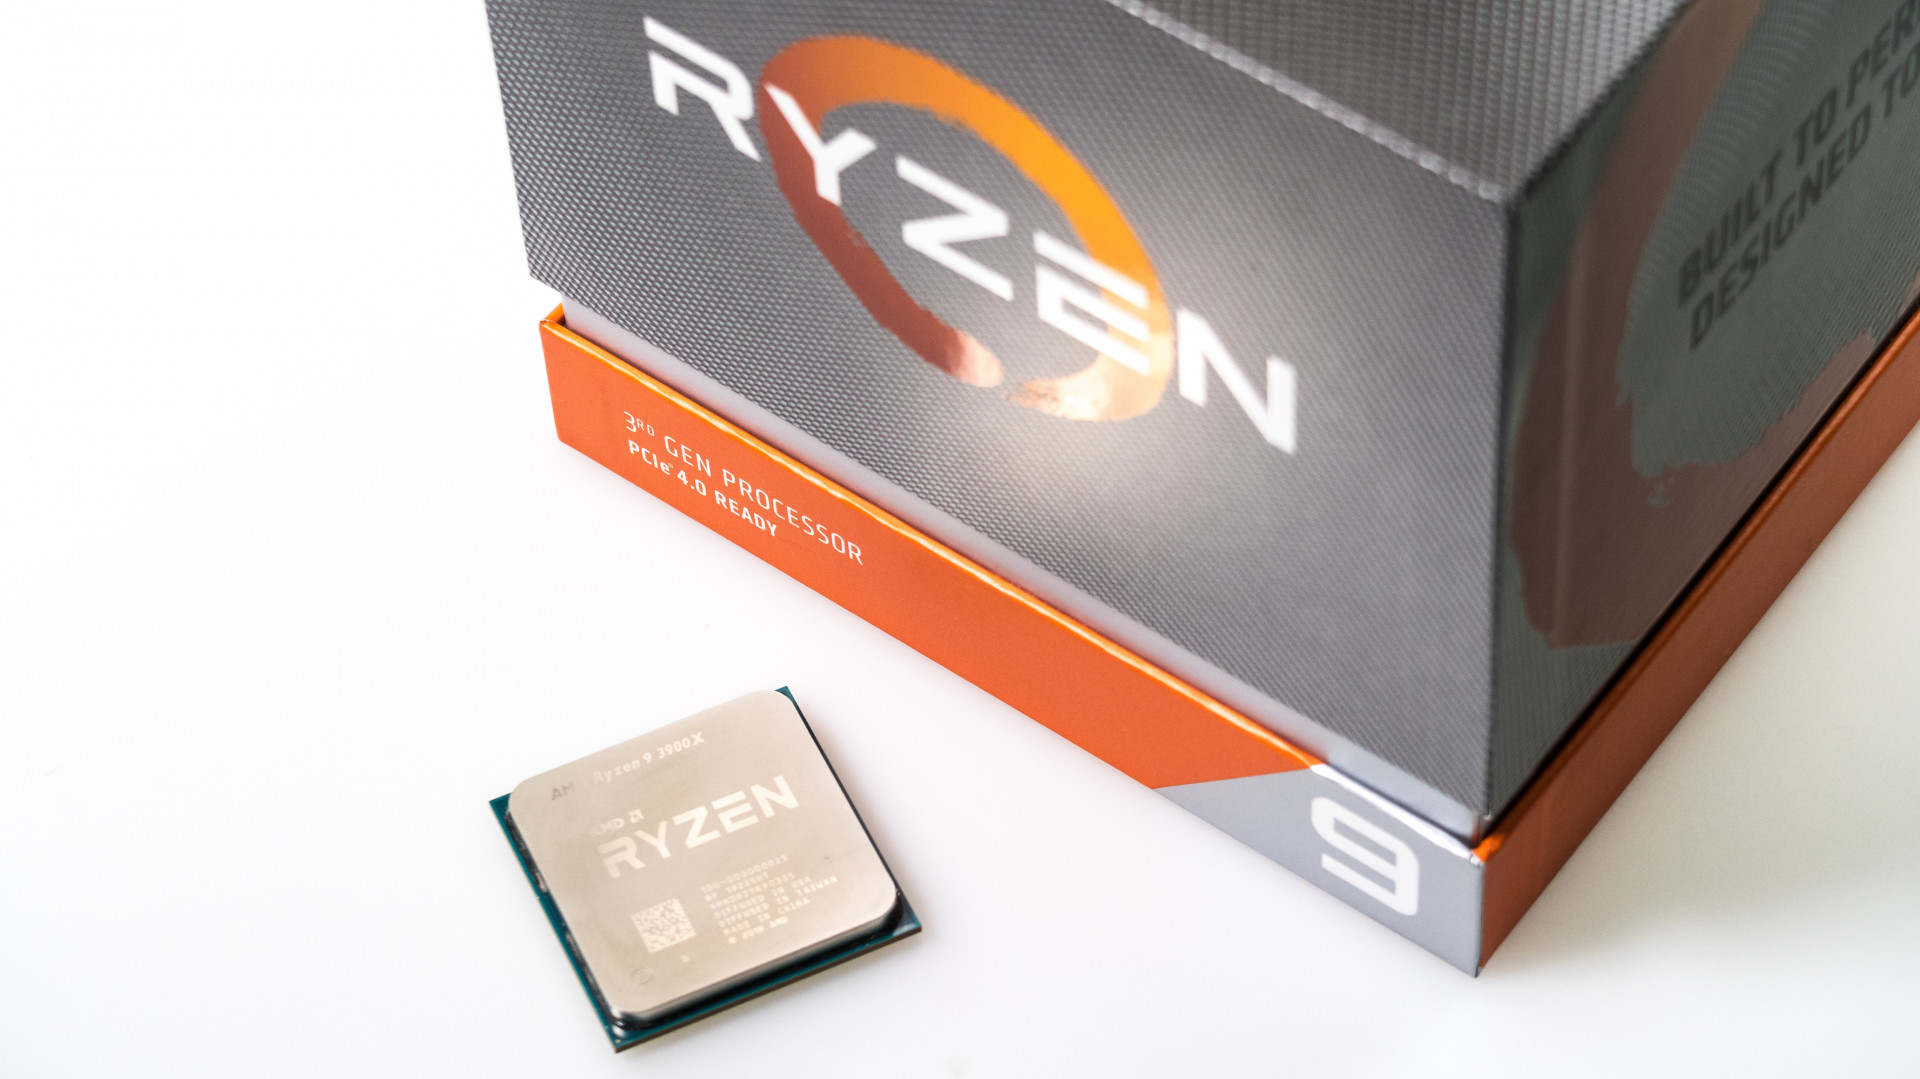 Ryzen 9 3900X: Direkt bei AMD verfügbar, bei Händlern vergriffen